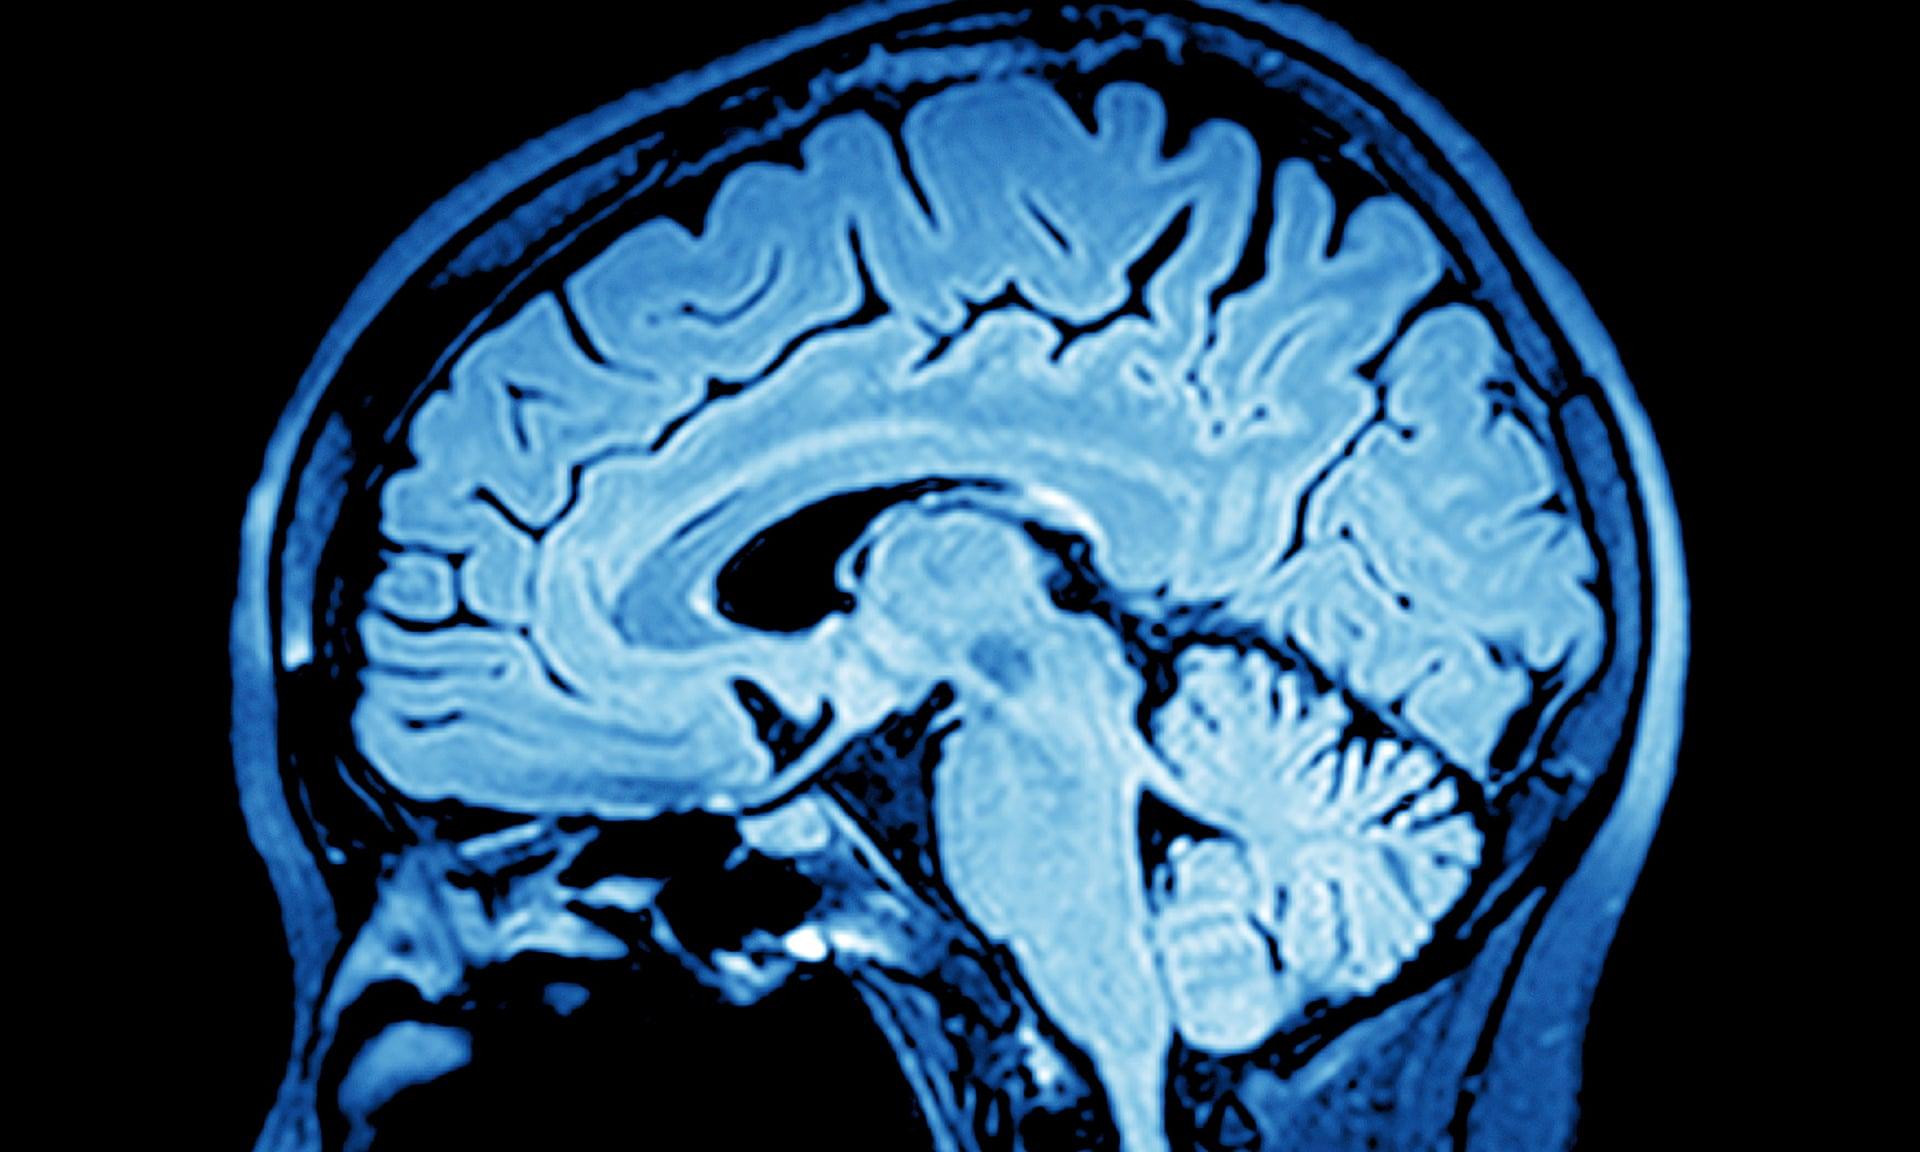 以色列研究:人類大腦有防止想像死亡機制